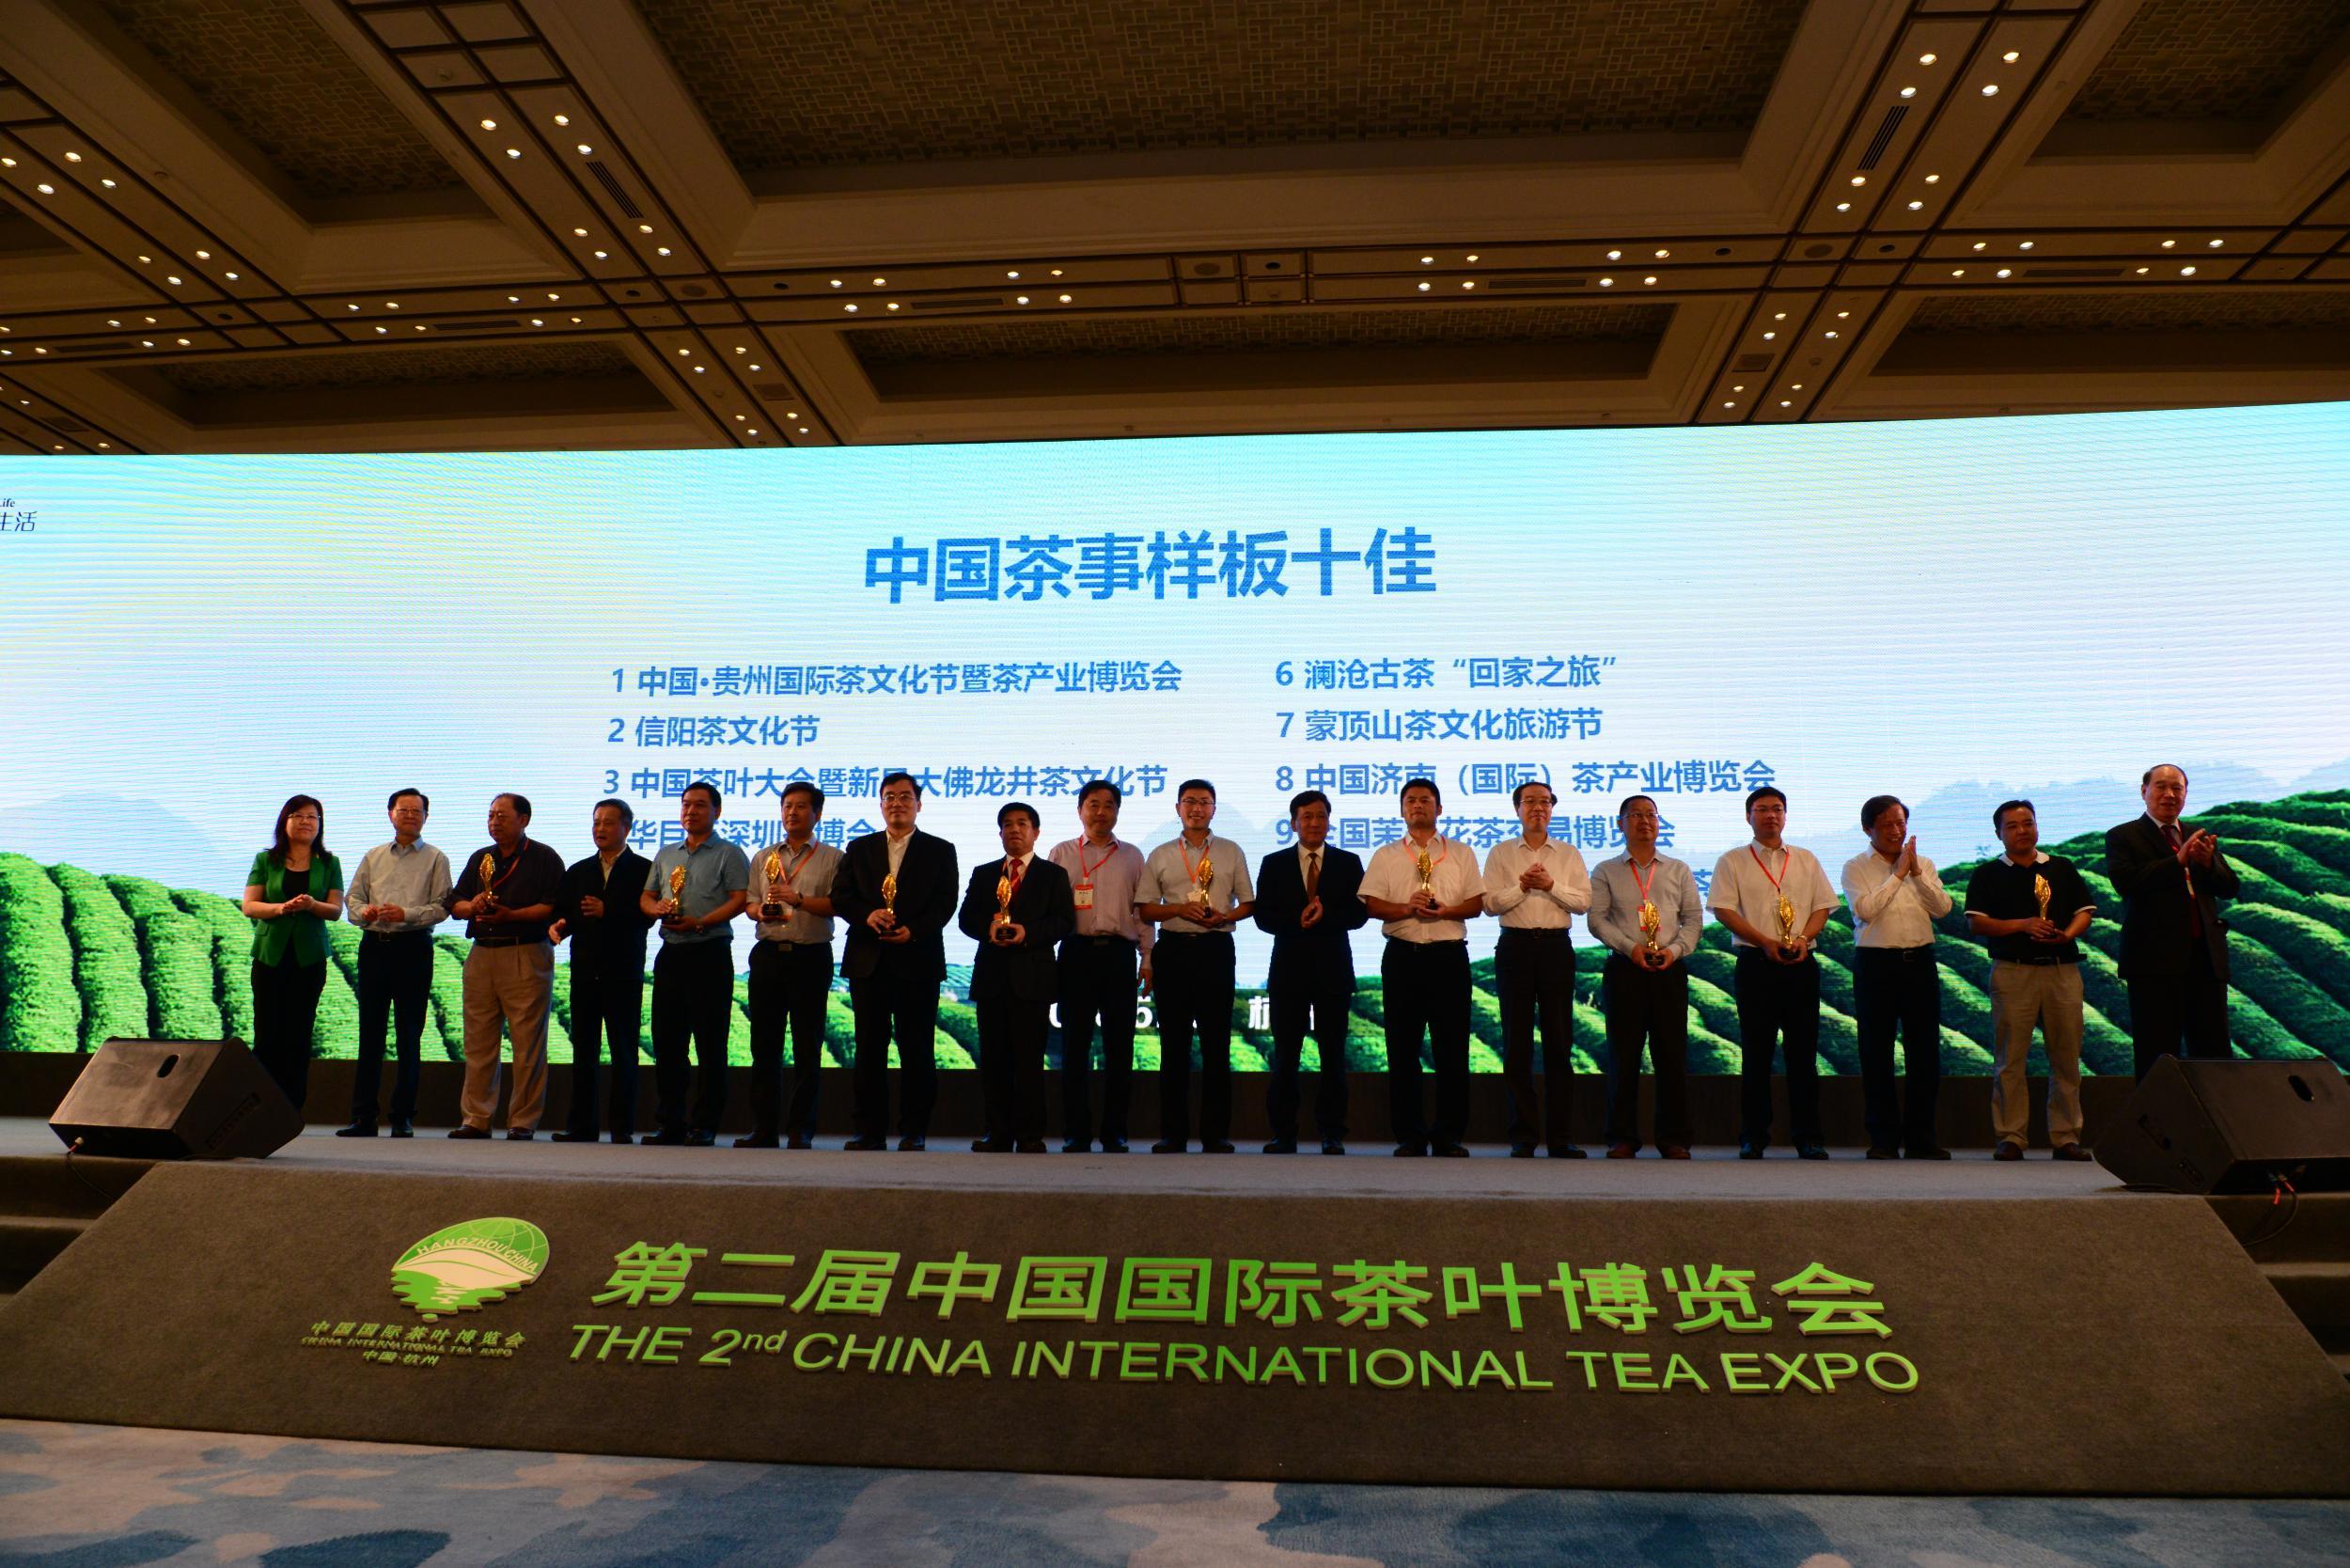 十佳茶事样板  中国当代茶文化发展论坛现场受表彰